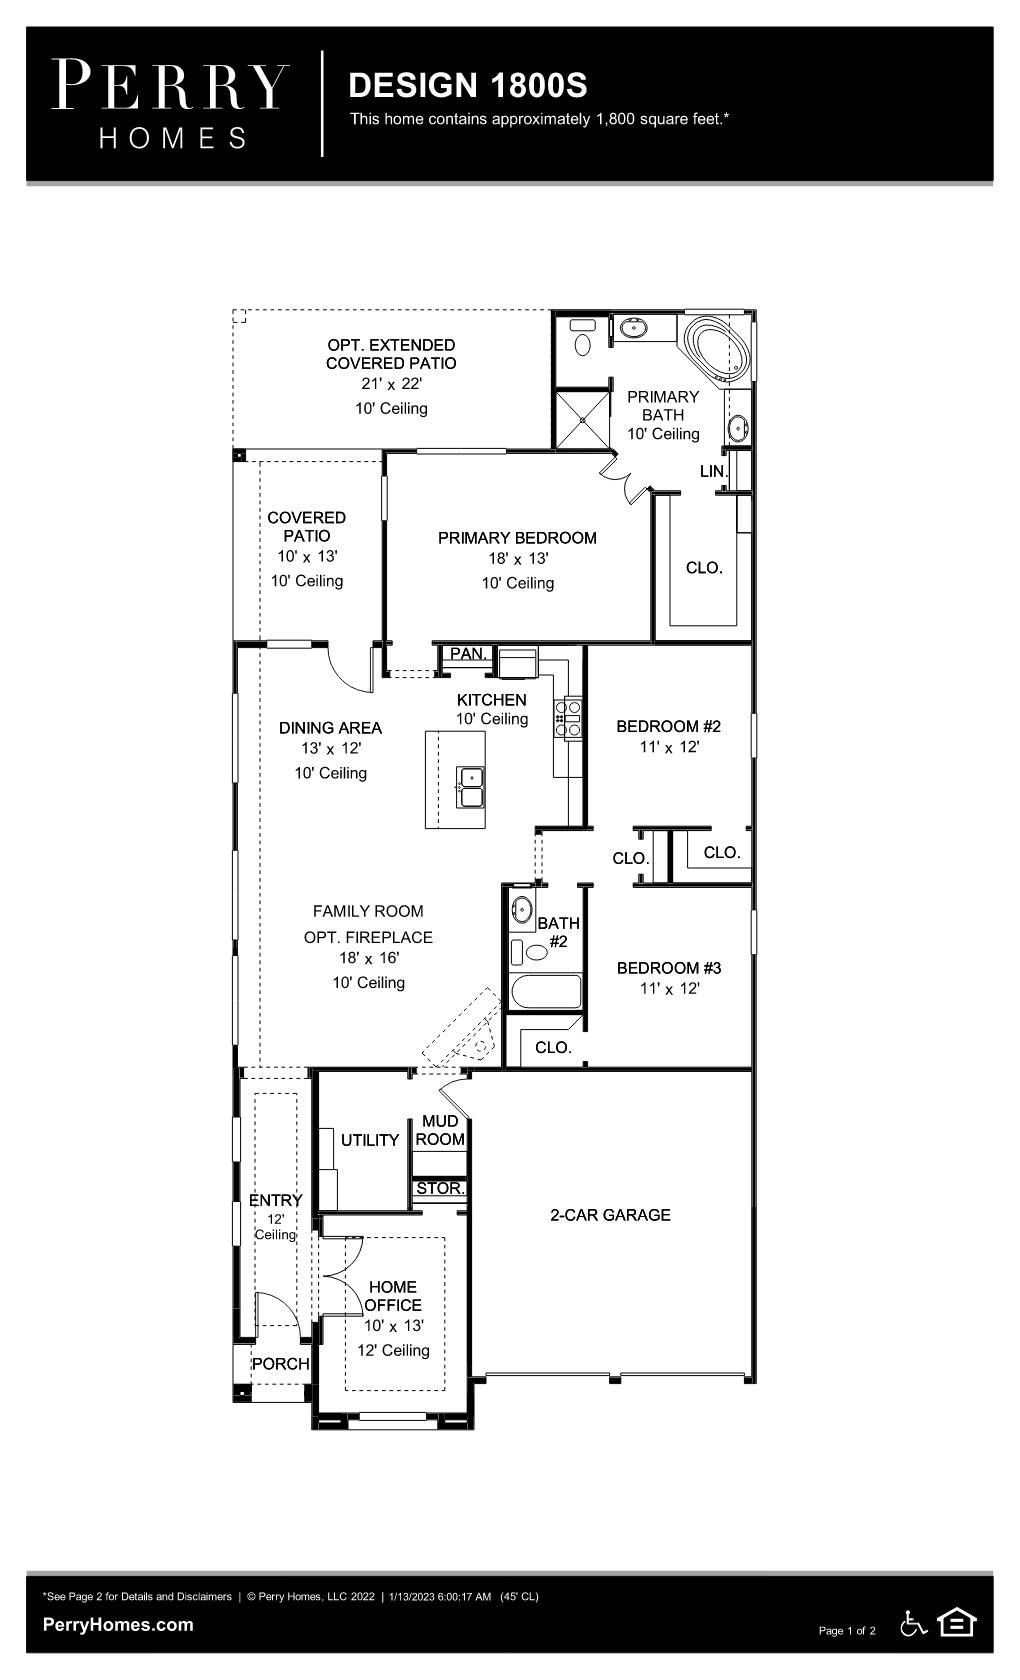 Floor Plan for 1800S